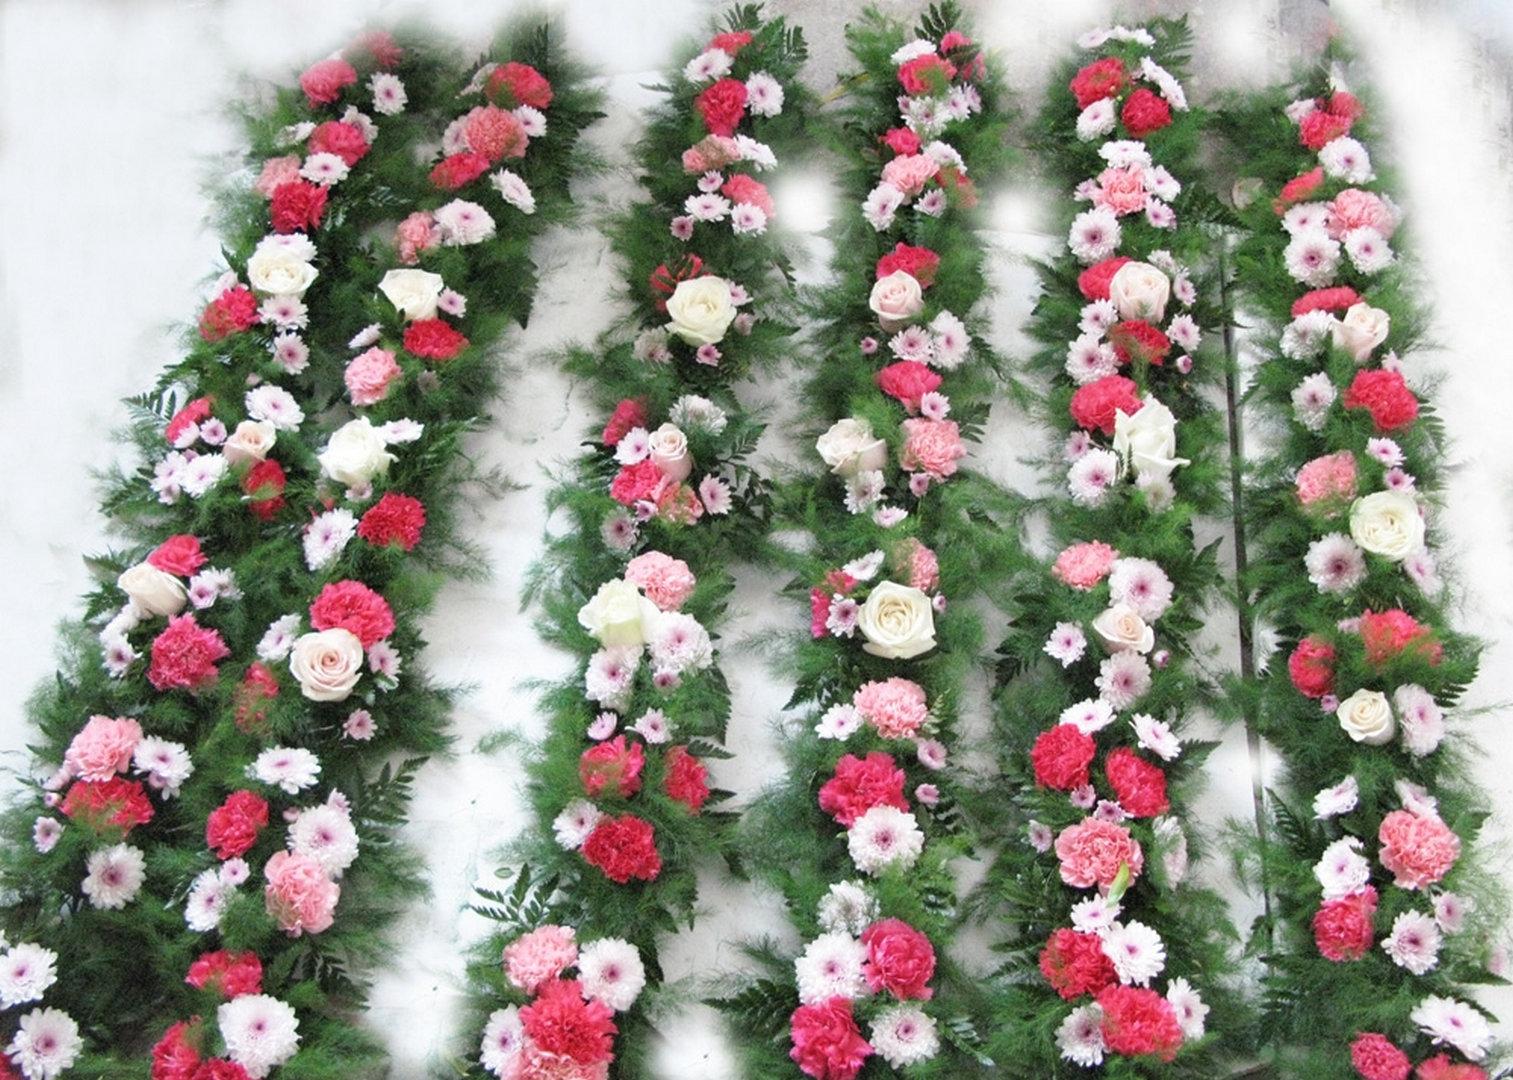 Spiritul sarbatorilor e mai aproape cu ghirlande din flori artificiale